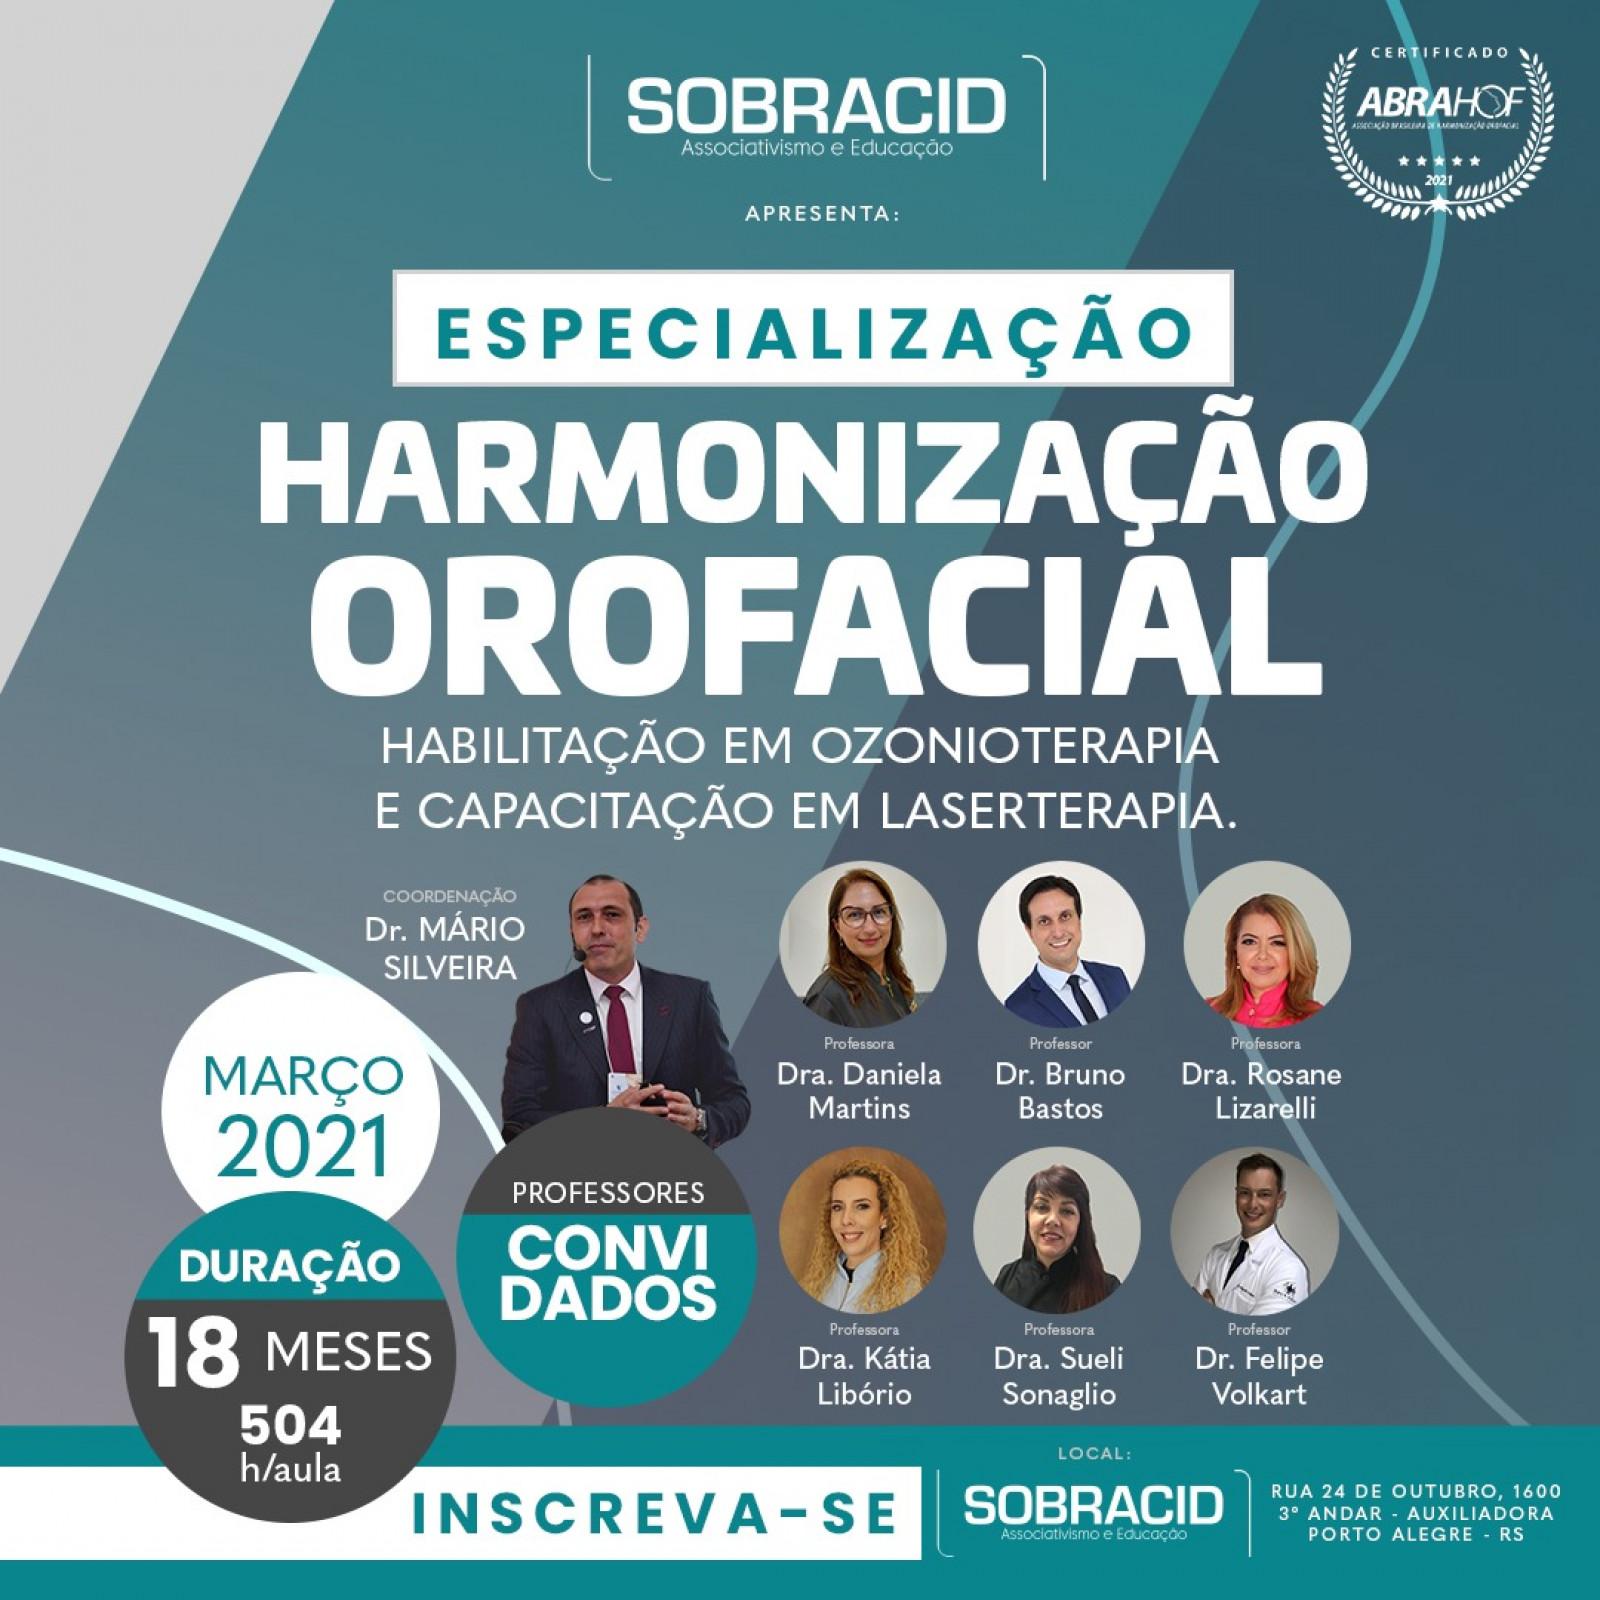 Especialização em Harmonização Orofacial (com Capacitação em Laserterapia Estética e Habilitação em Ozonioterapia)